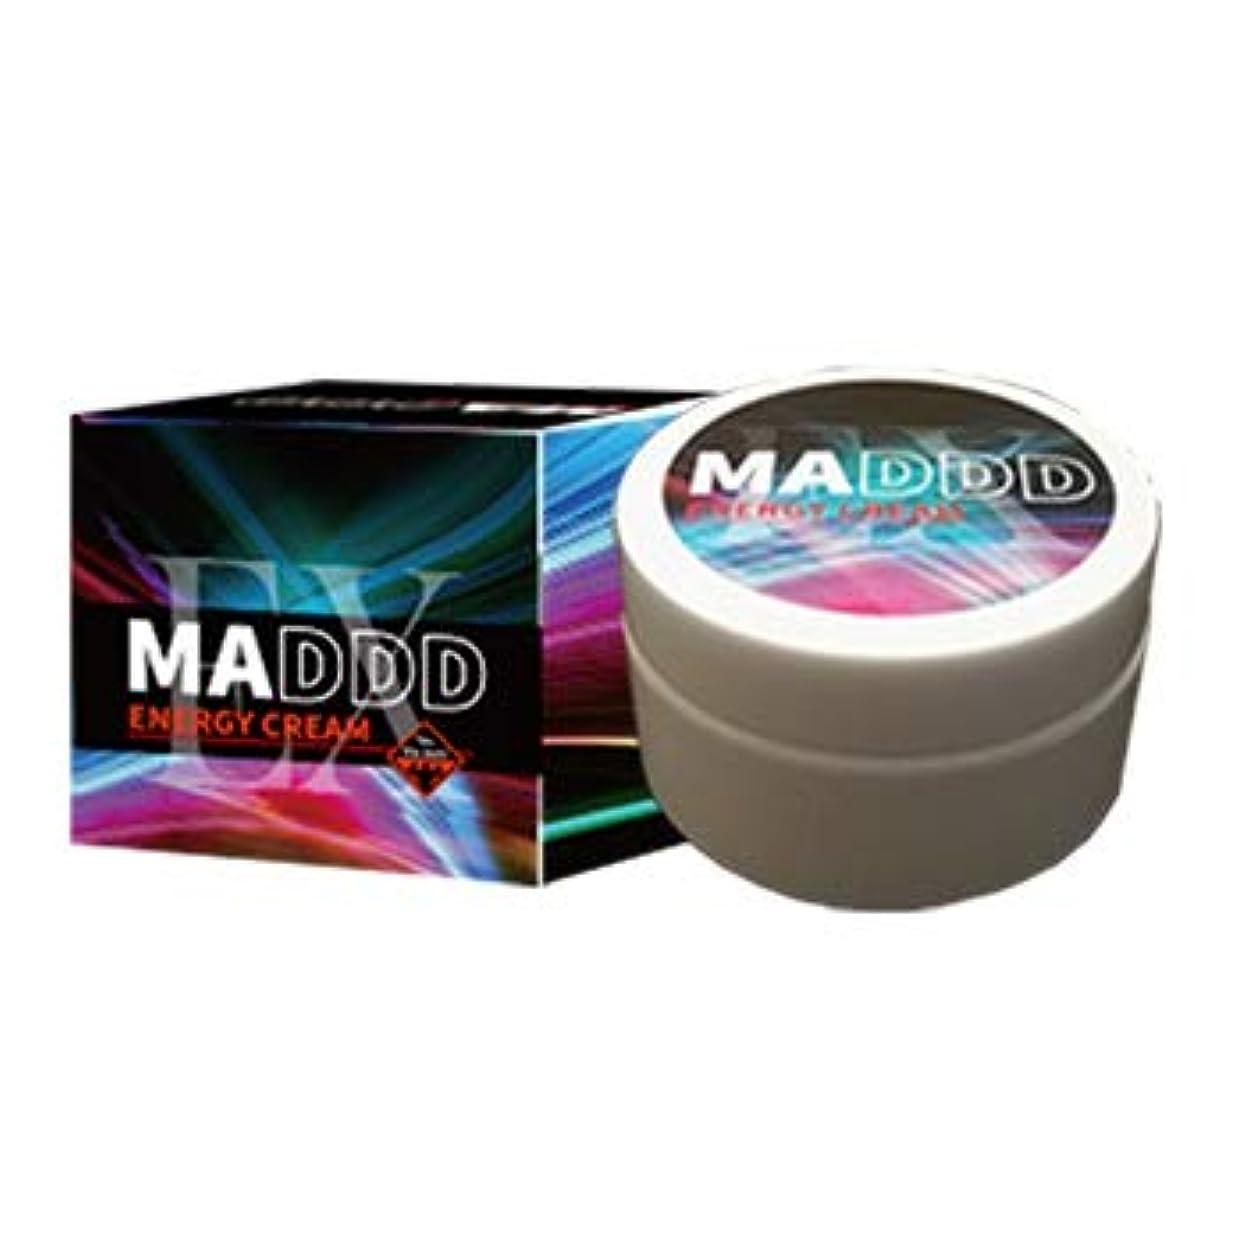 エンゲージメント結婚する情緒的MADDD EX 増大クリーム ボディクリーム 自信 持続力 厳選成分 50g (単品購入)